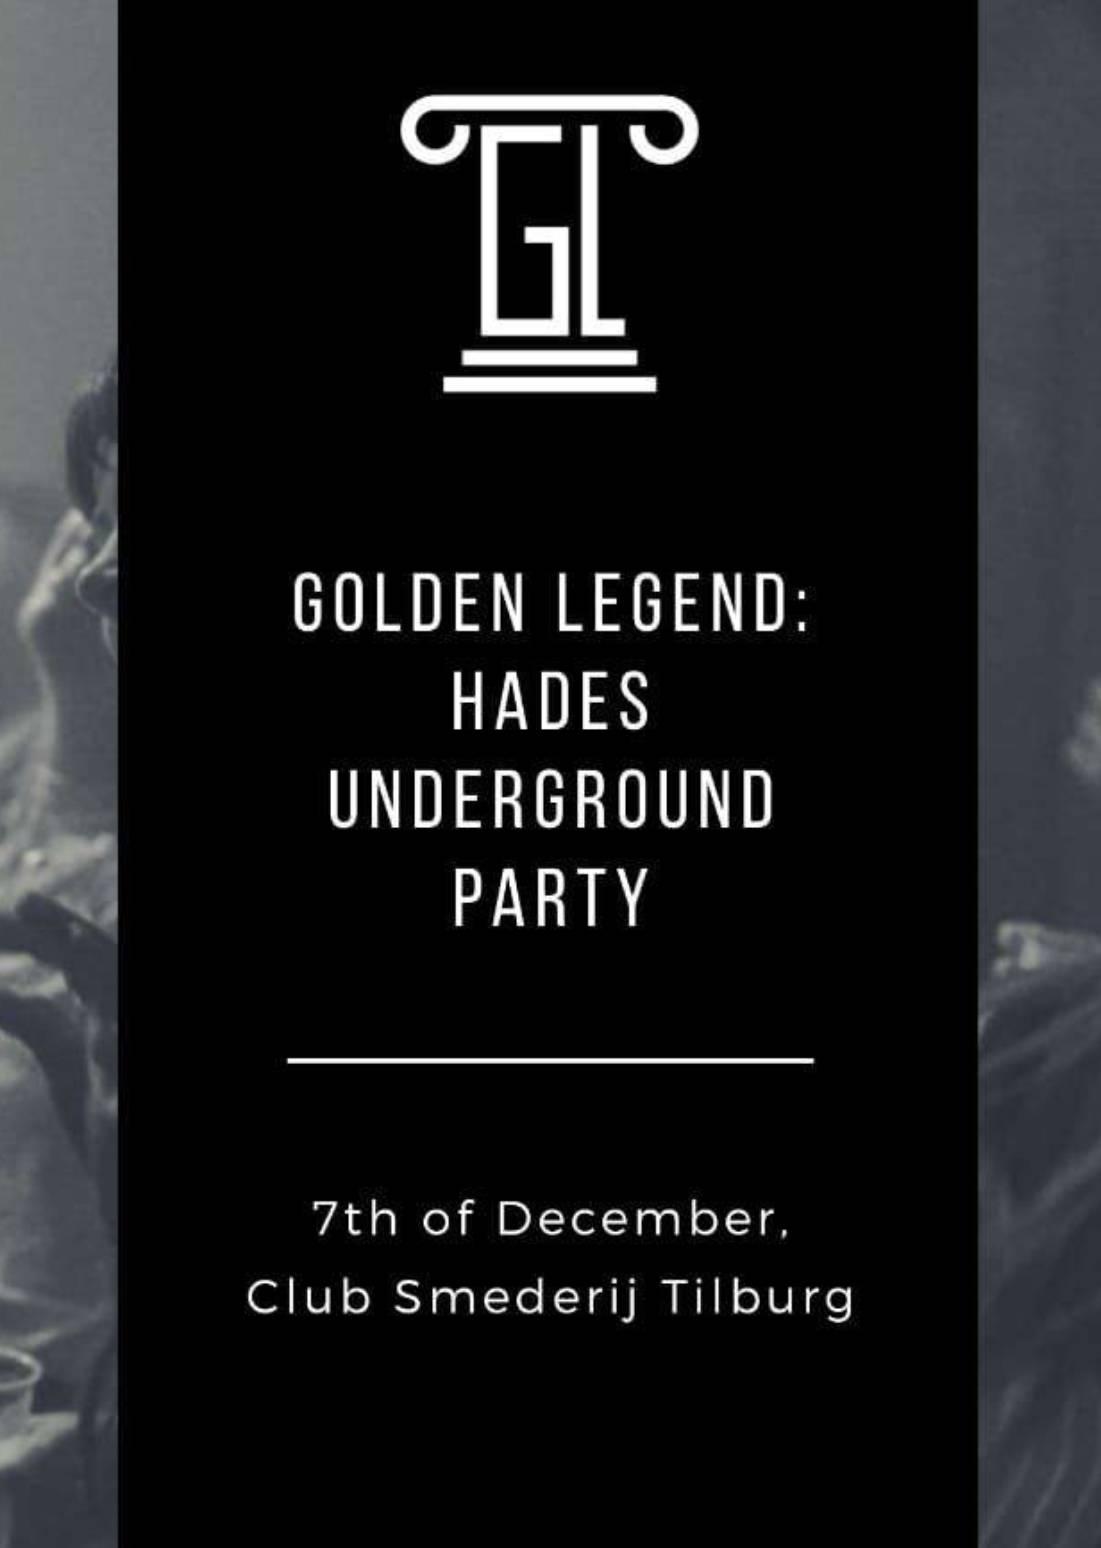 Golden Legend: Hades Underground Party